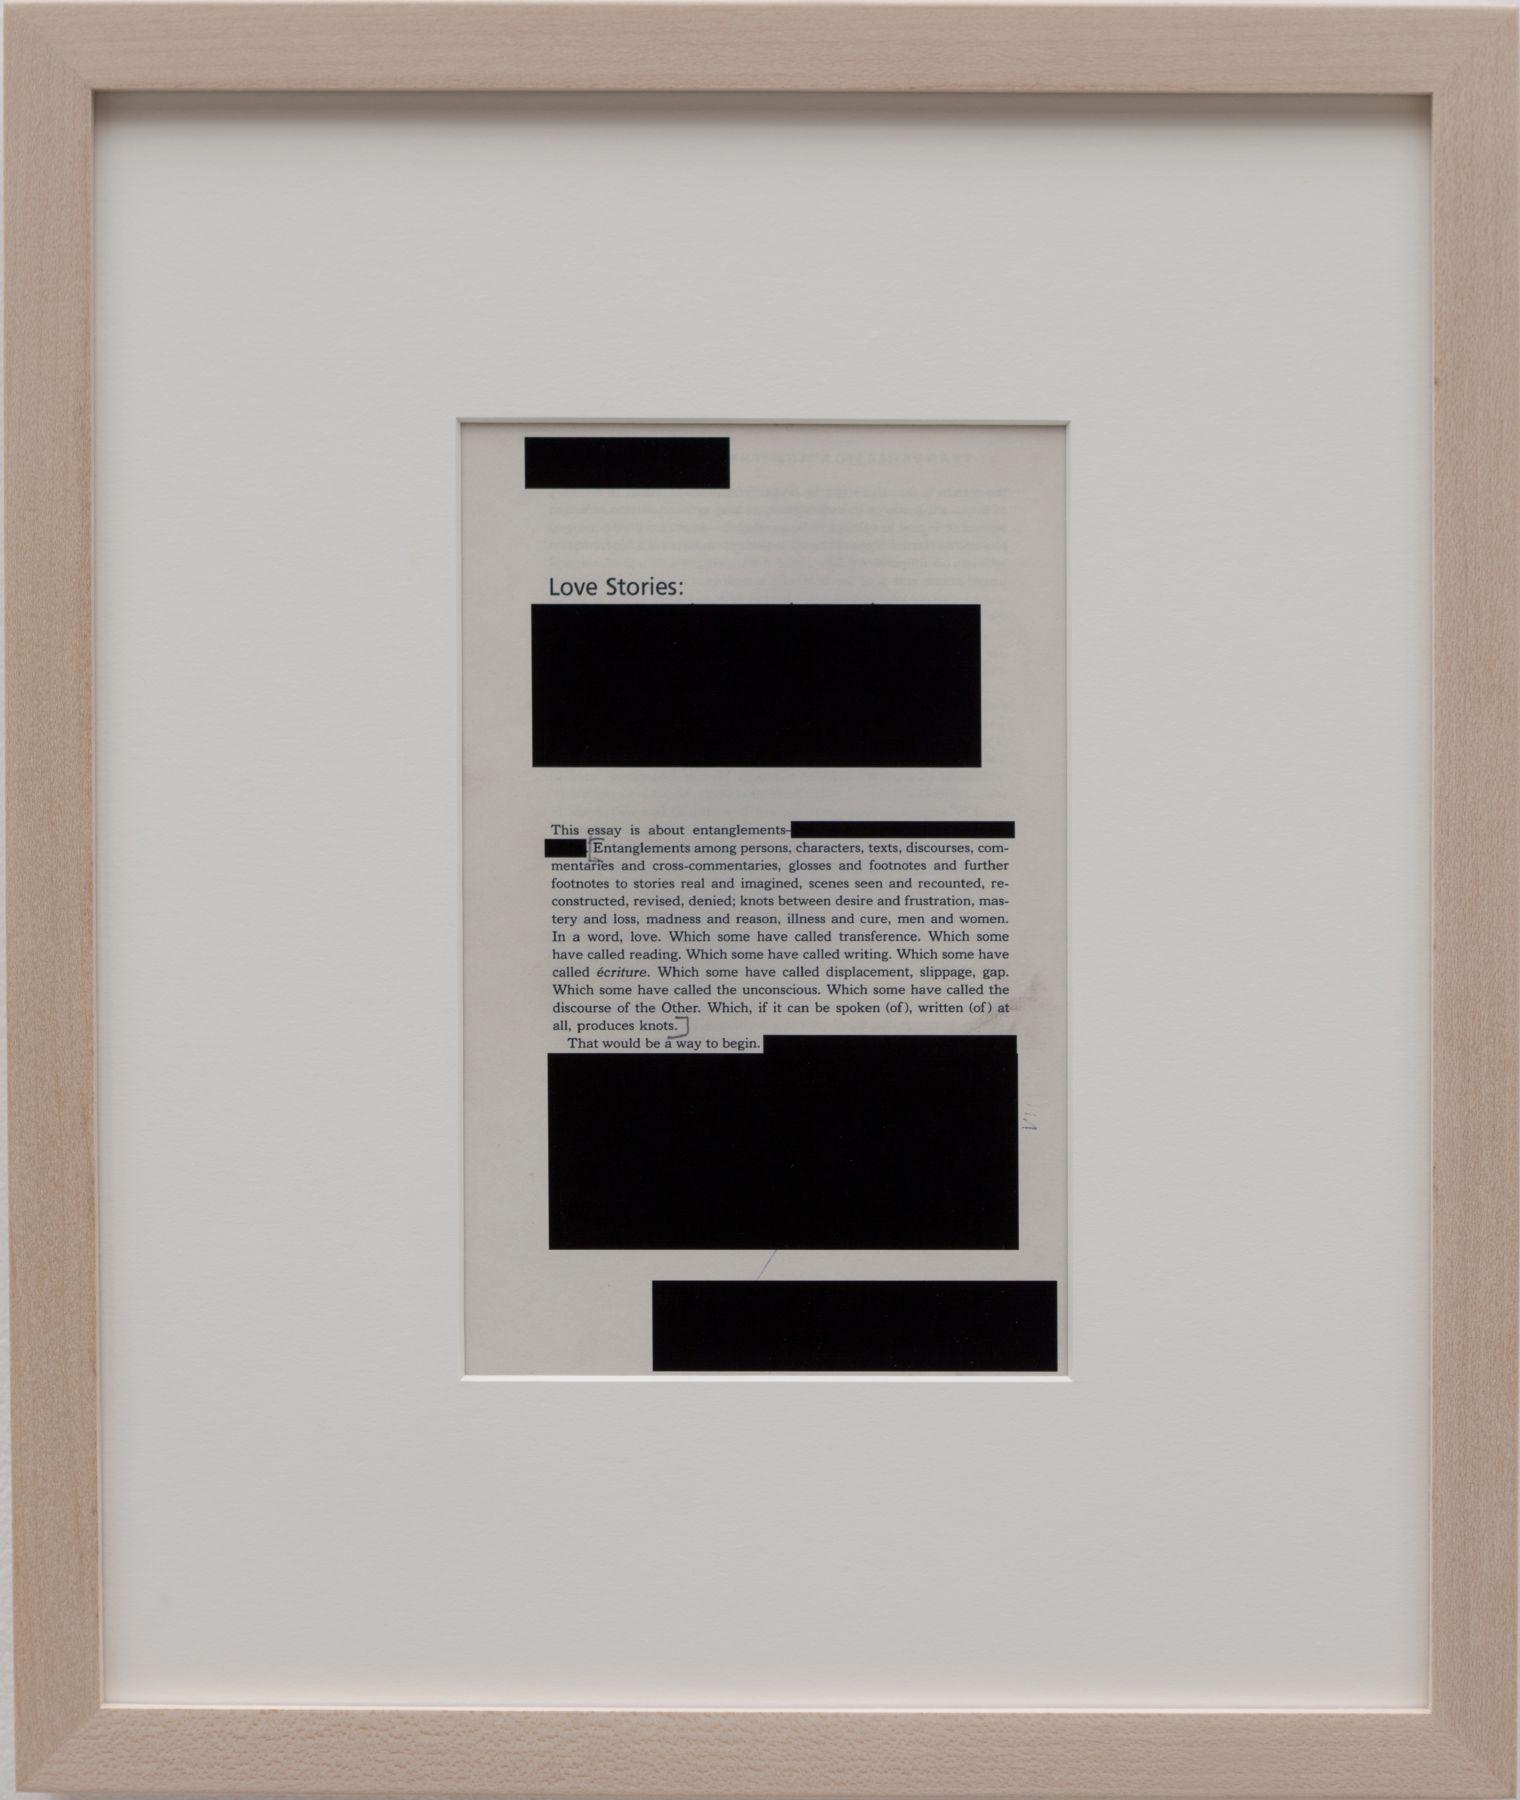 Valeska Soares, Edit (Love Stories), 2012